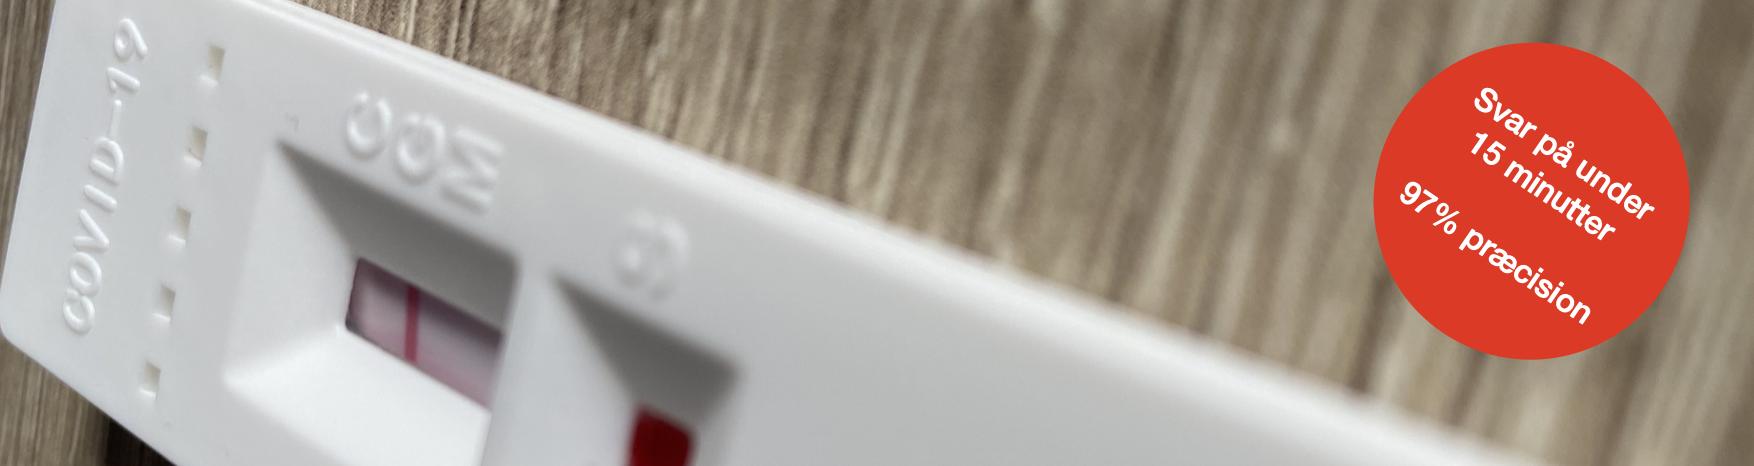 Covid19 Test fra BRANDABC er 97% sikre, og udføres på under 15 minutter